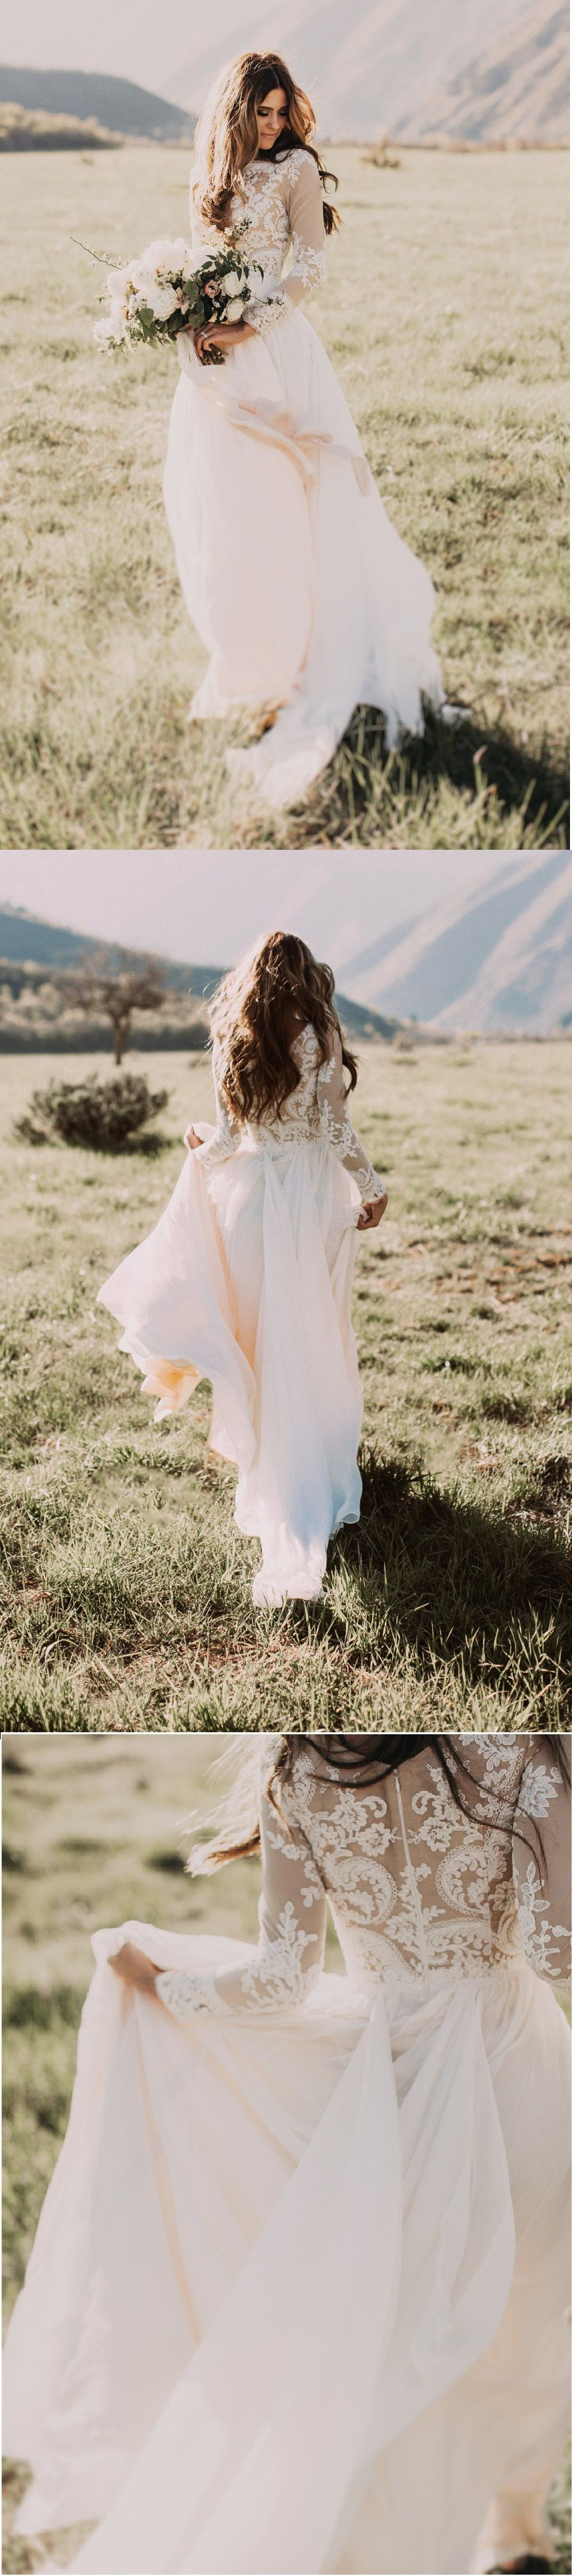 Long sleeve chiffon wedding dress  beautiful long sleeves alineprincess chiffon wedding dress  Bride